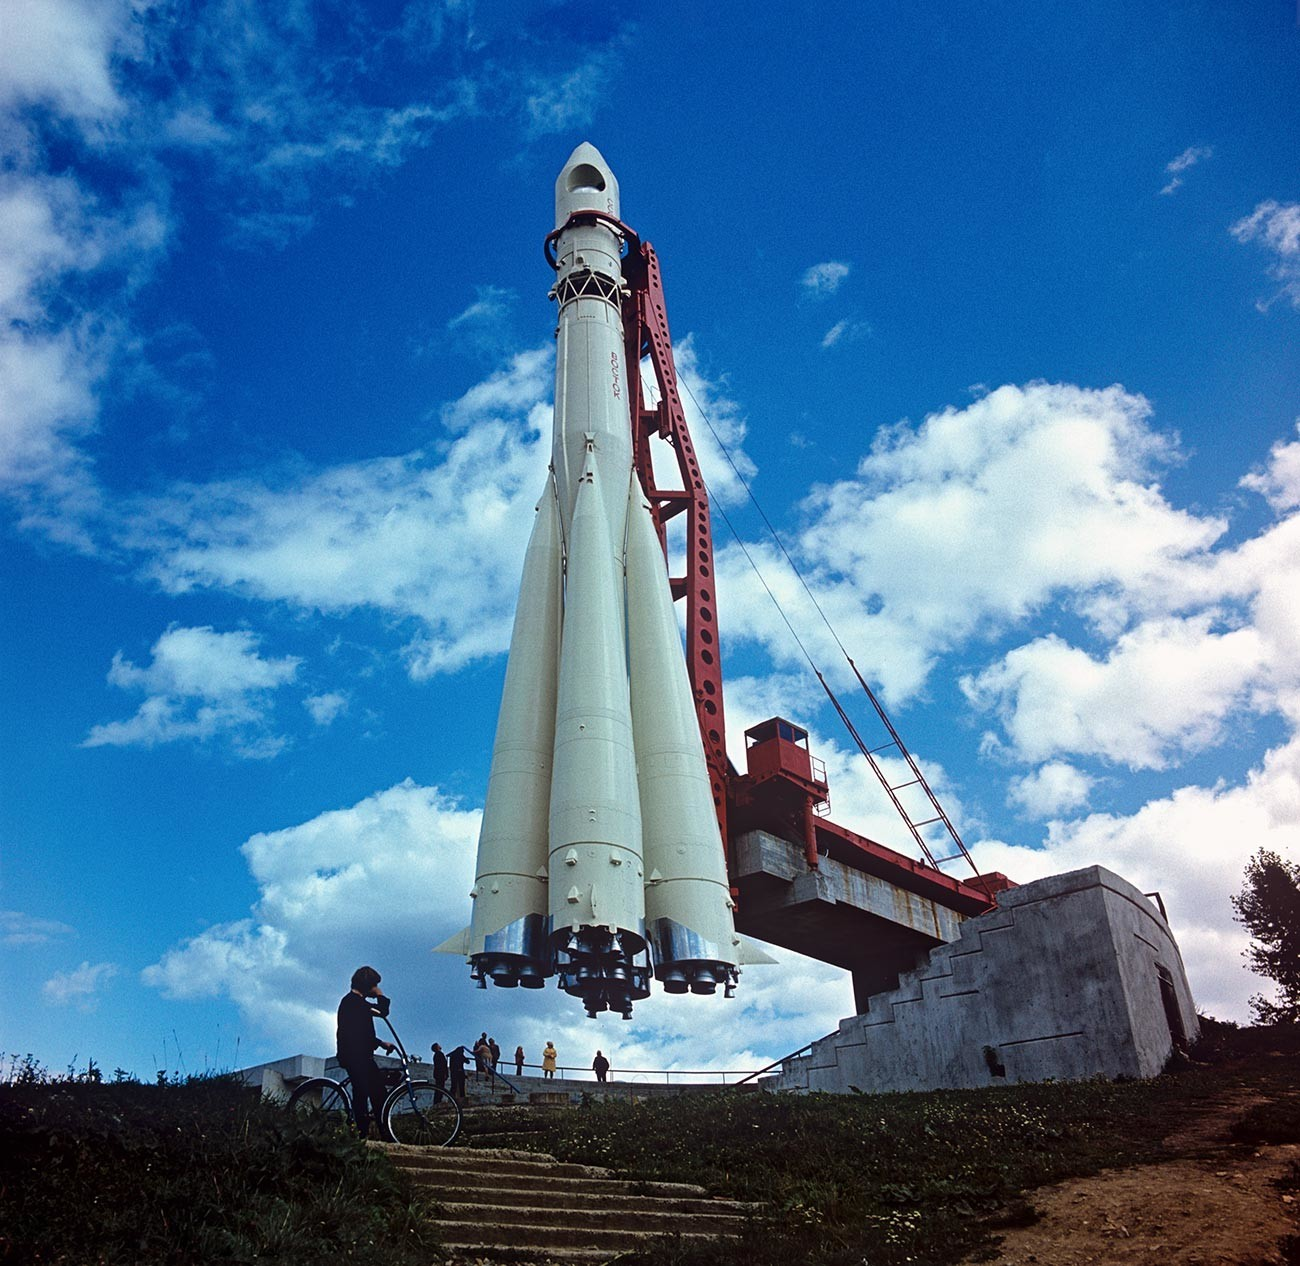 Vostok, outra modificação do lendário R-7